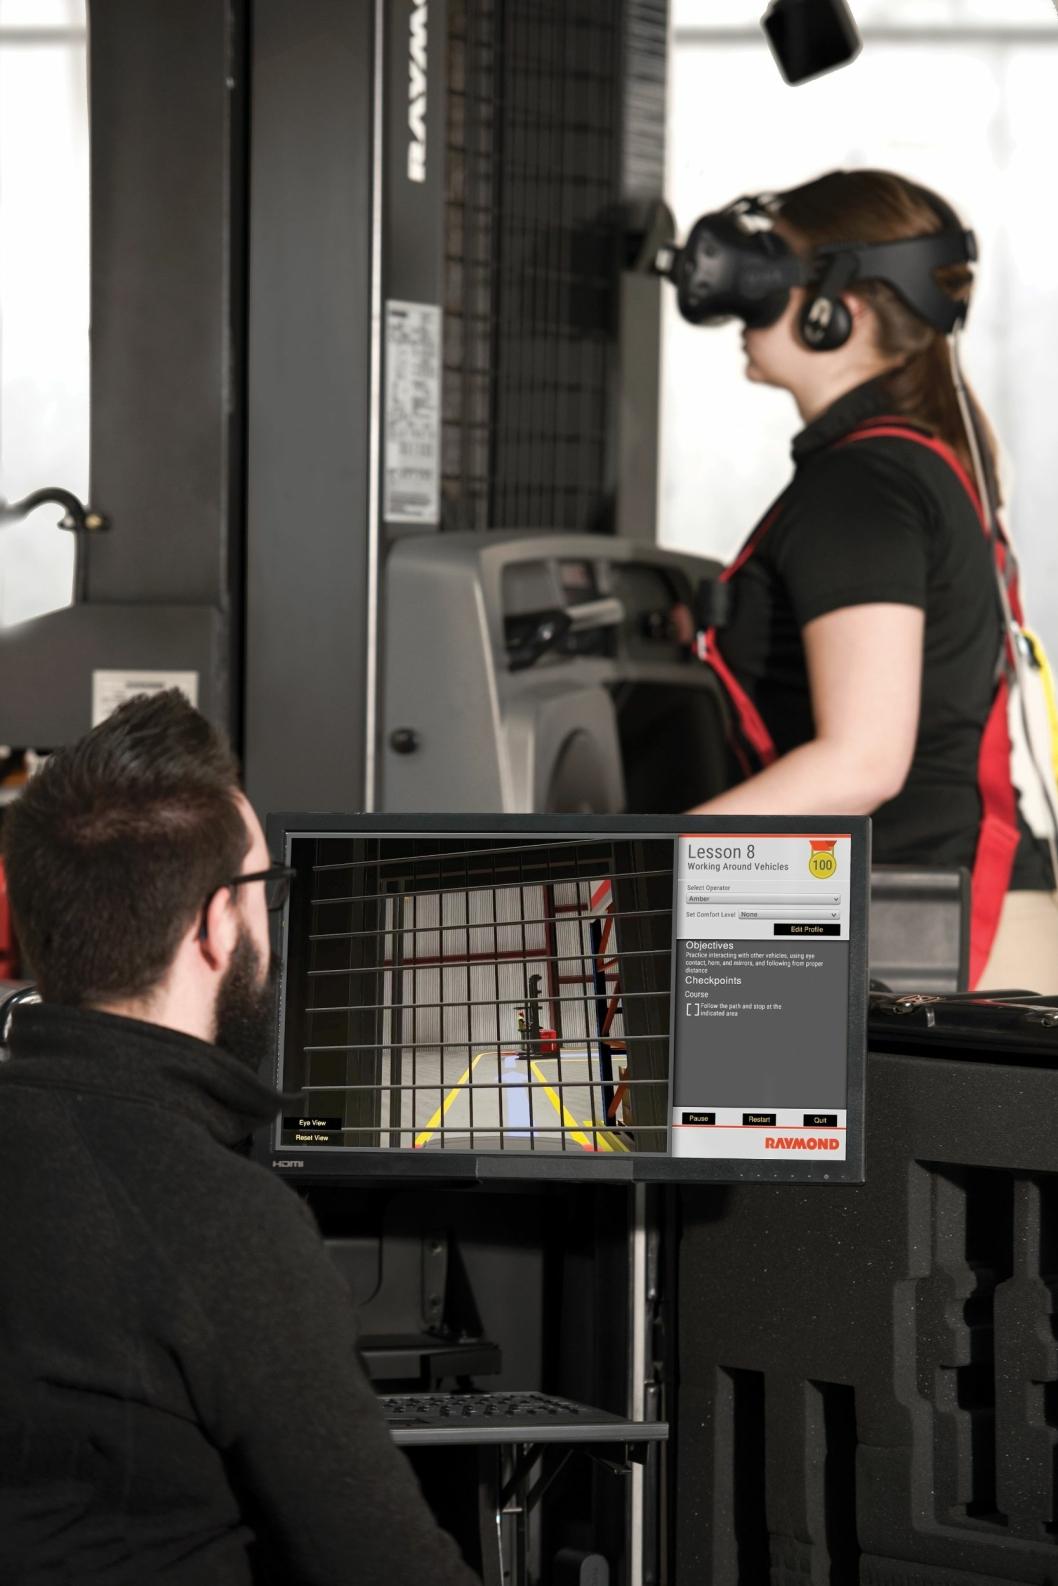 Dette er et opplæringsverktøy for truckførere. Systemet monteres på en gaffeltruck fra Raymond og kobles til selskapets simuleringssystem for å skape et realistisk læringsmiljø.